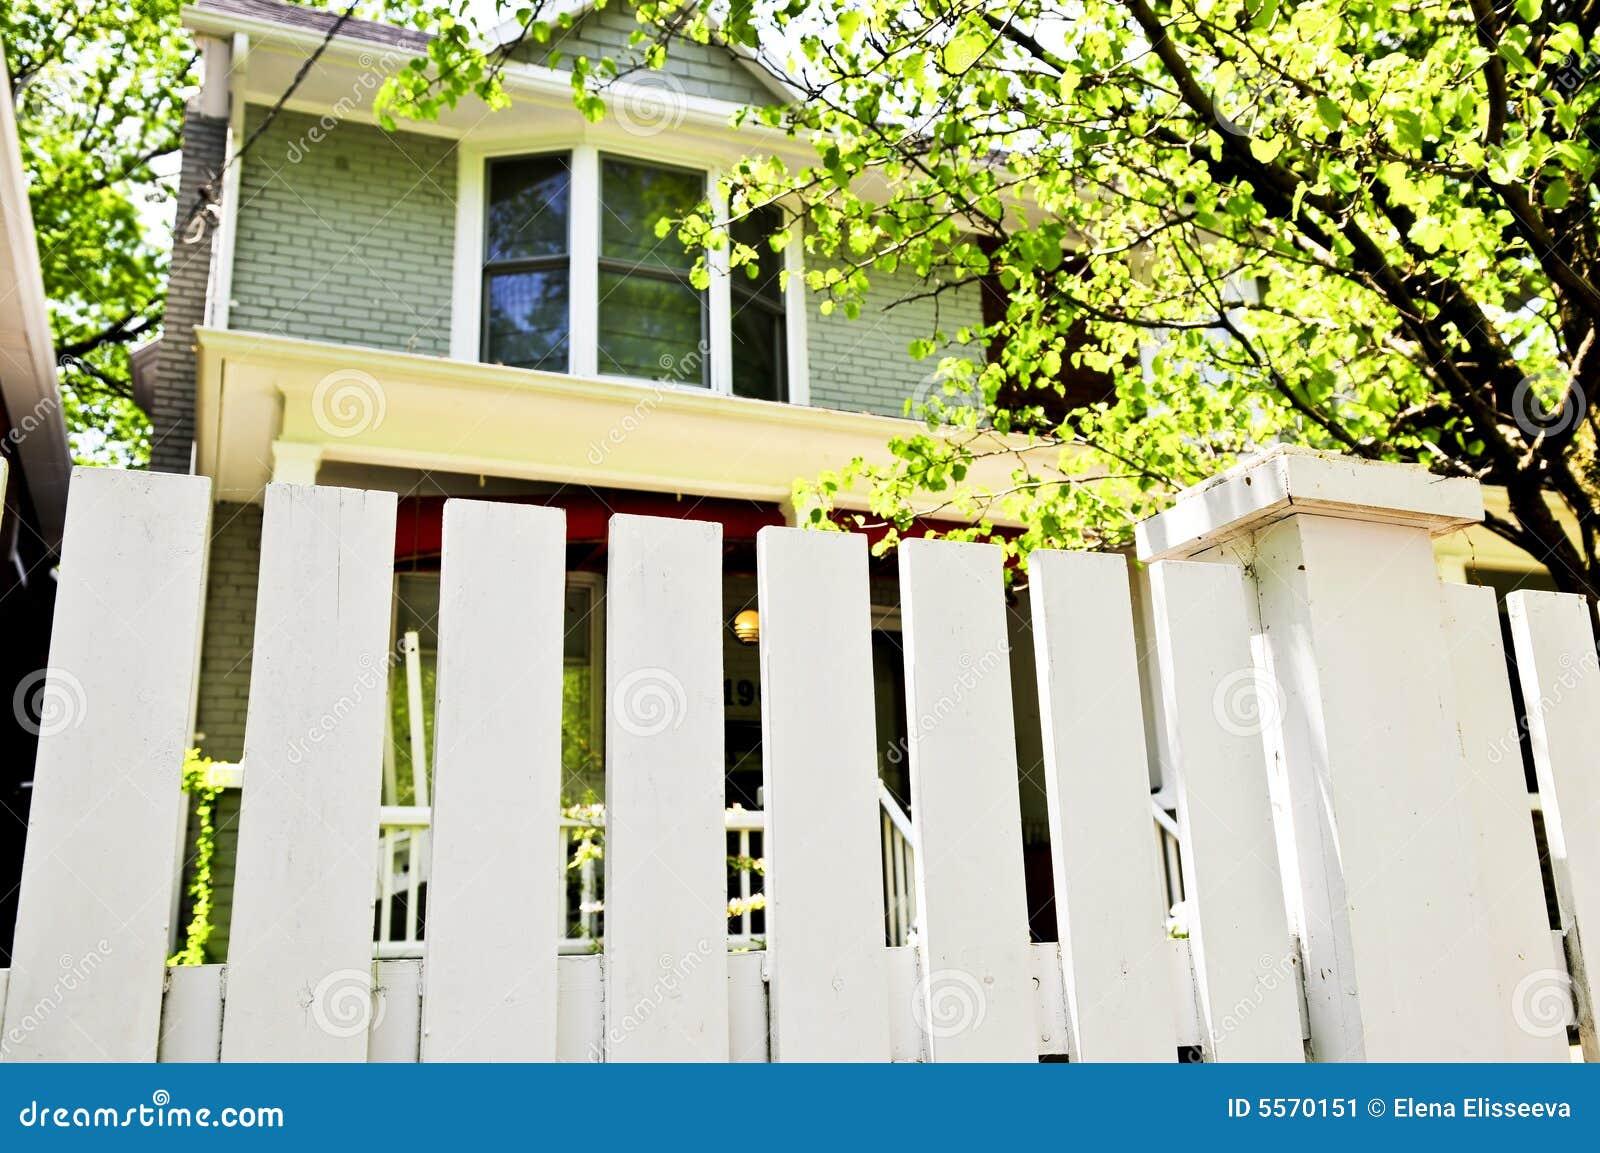 vorgarten mit weißem zaun stockbild. bild von bezaubern - 5570151